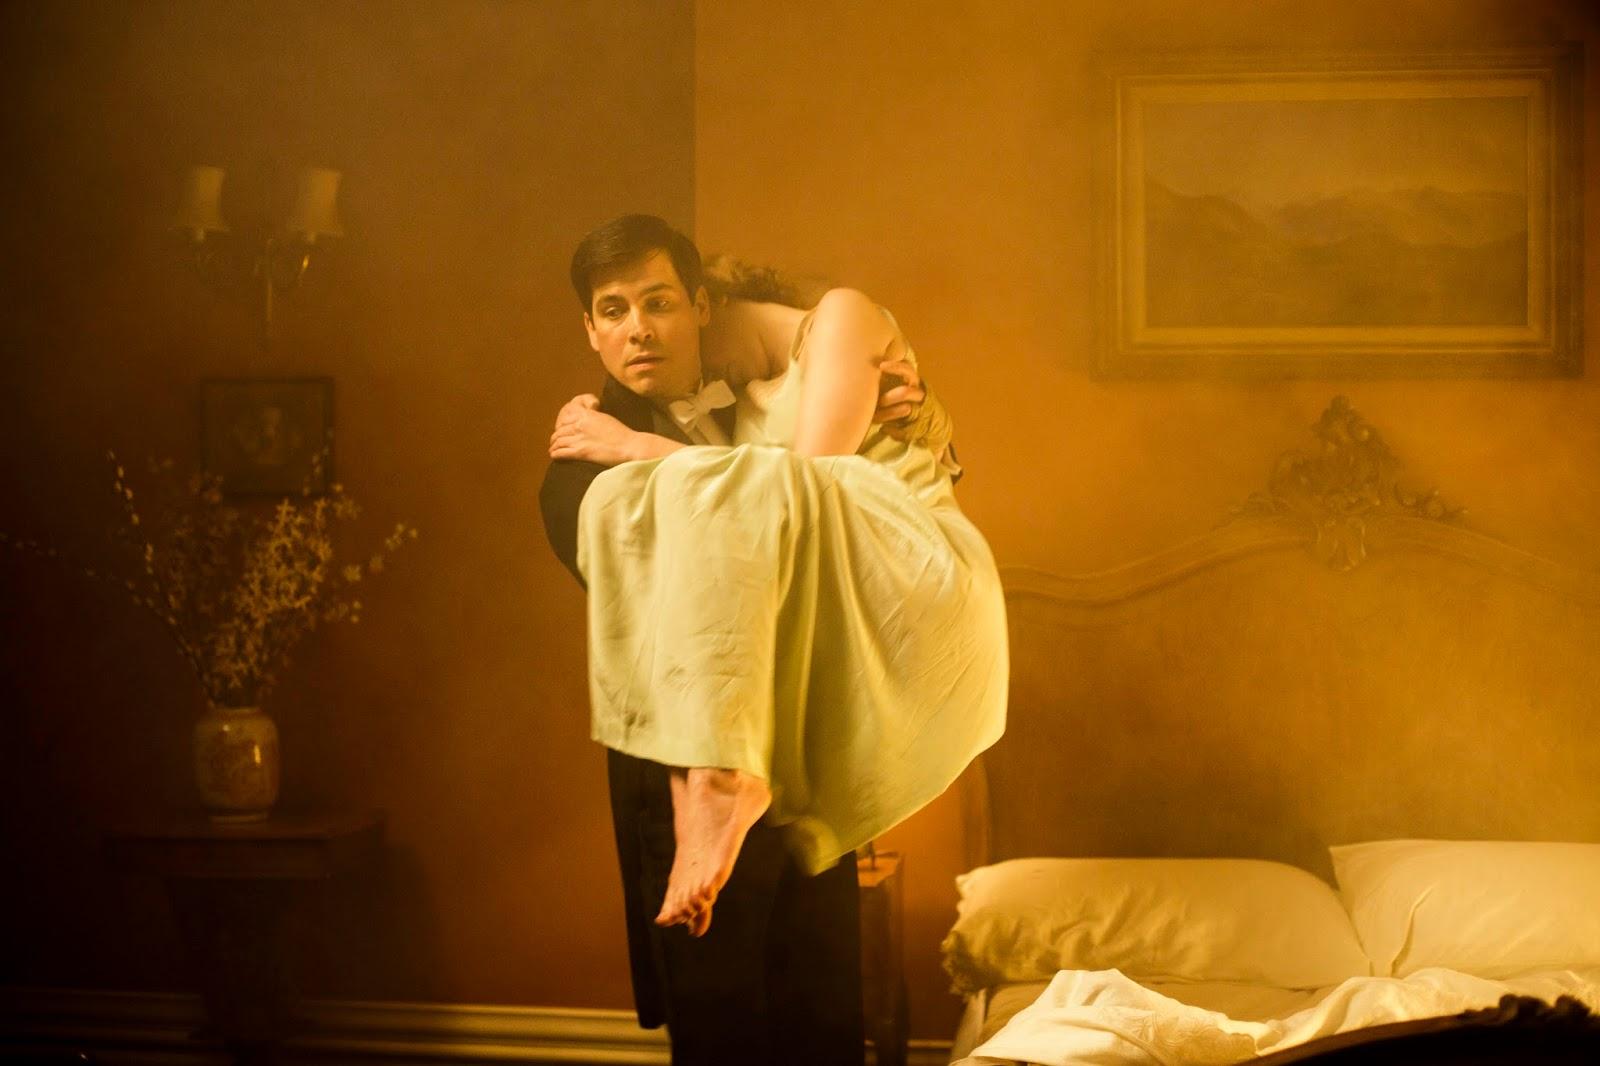 Crítica en serie | Downton Abbey (Temporada 5)